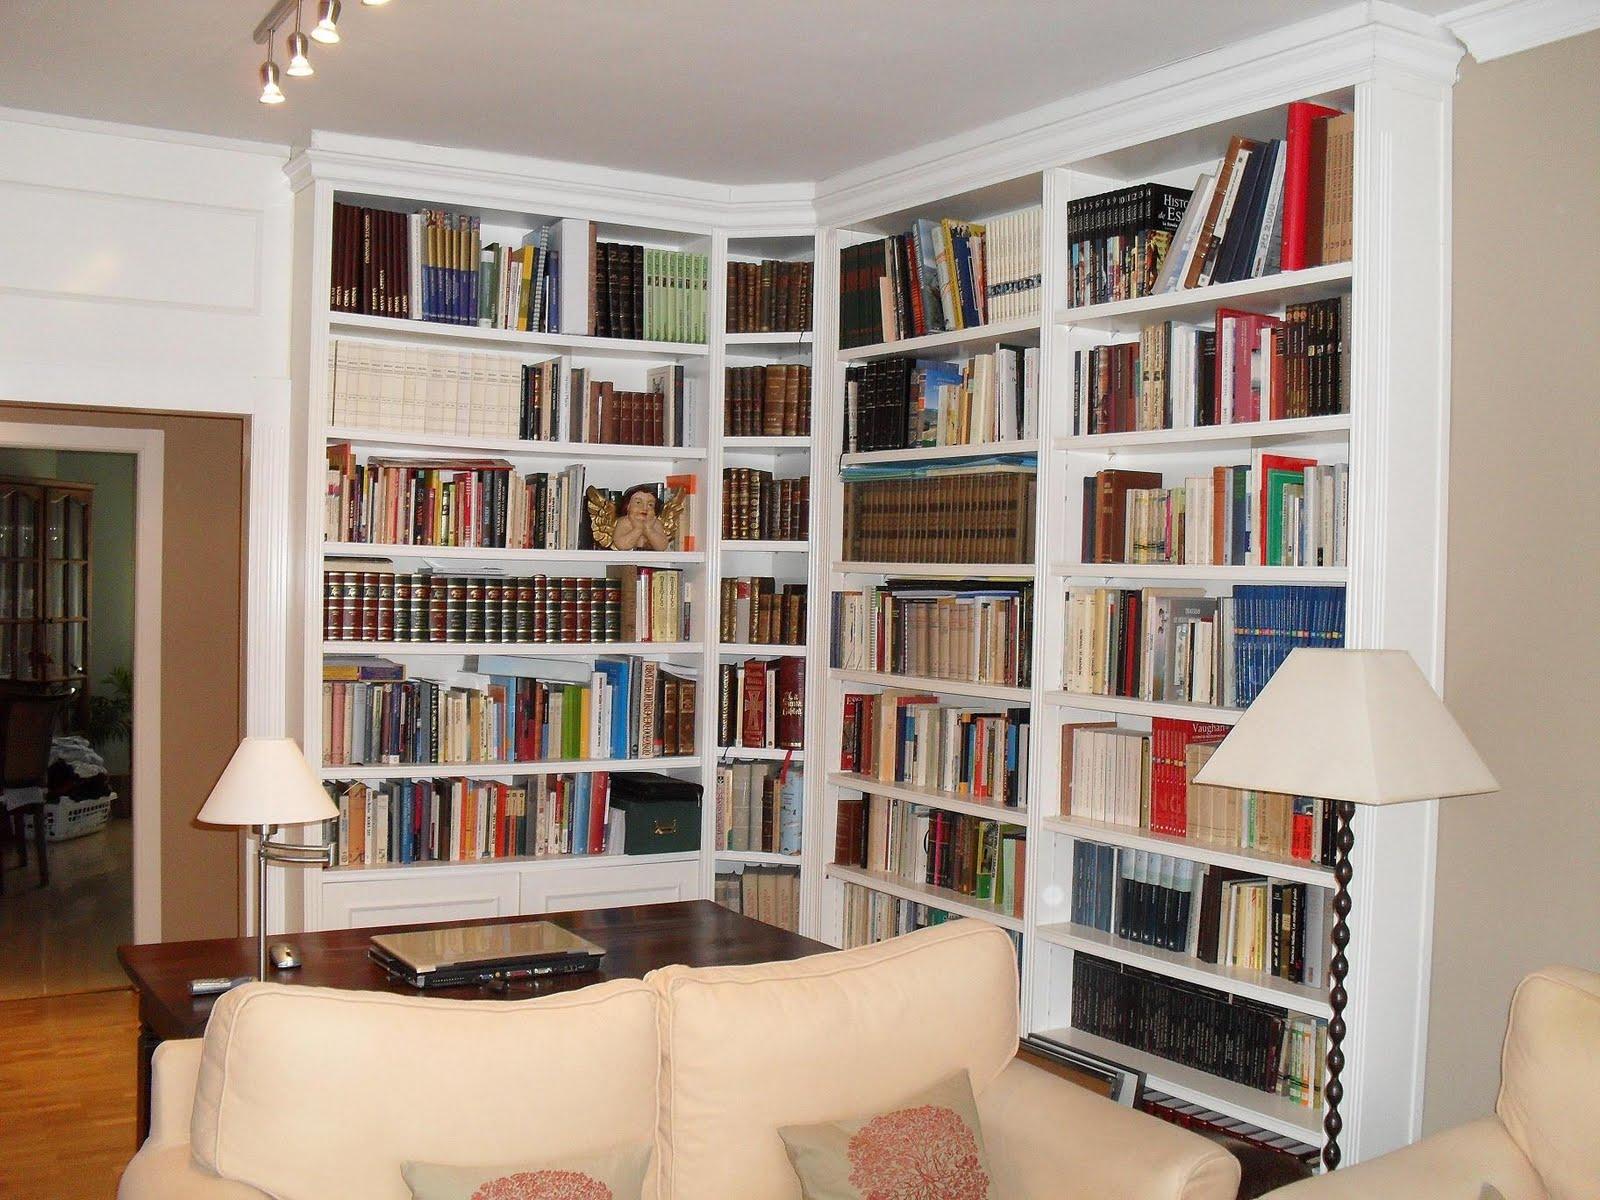 Librerias a medida madrid muebles librerias lacadas de calidad librerias a medida en madrid - Librerias a medida en madrid ...